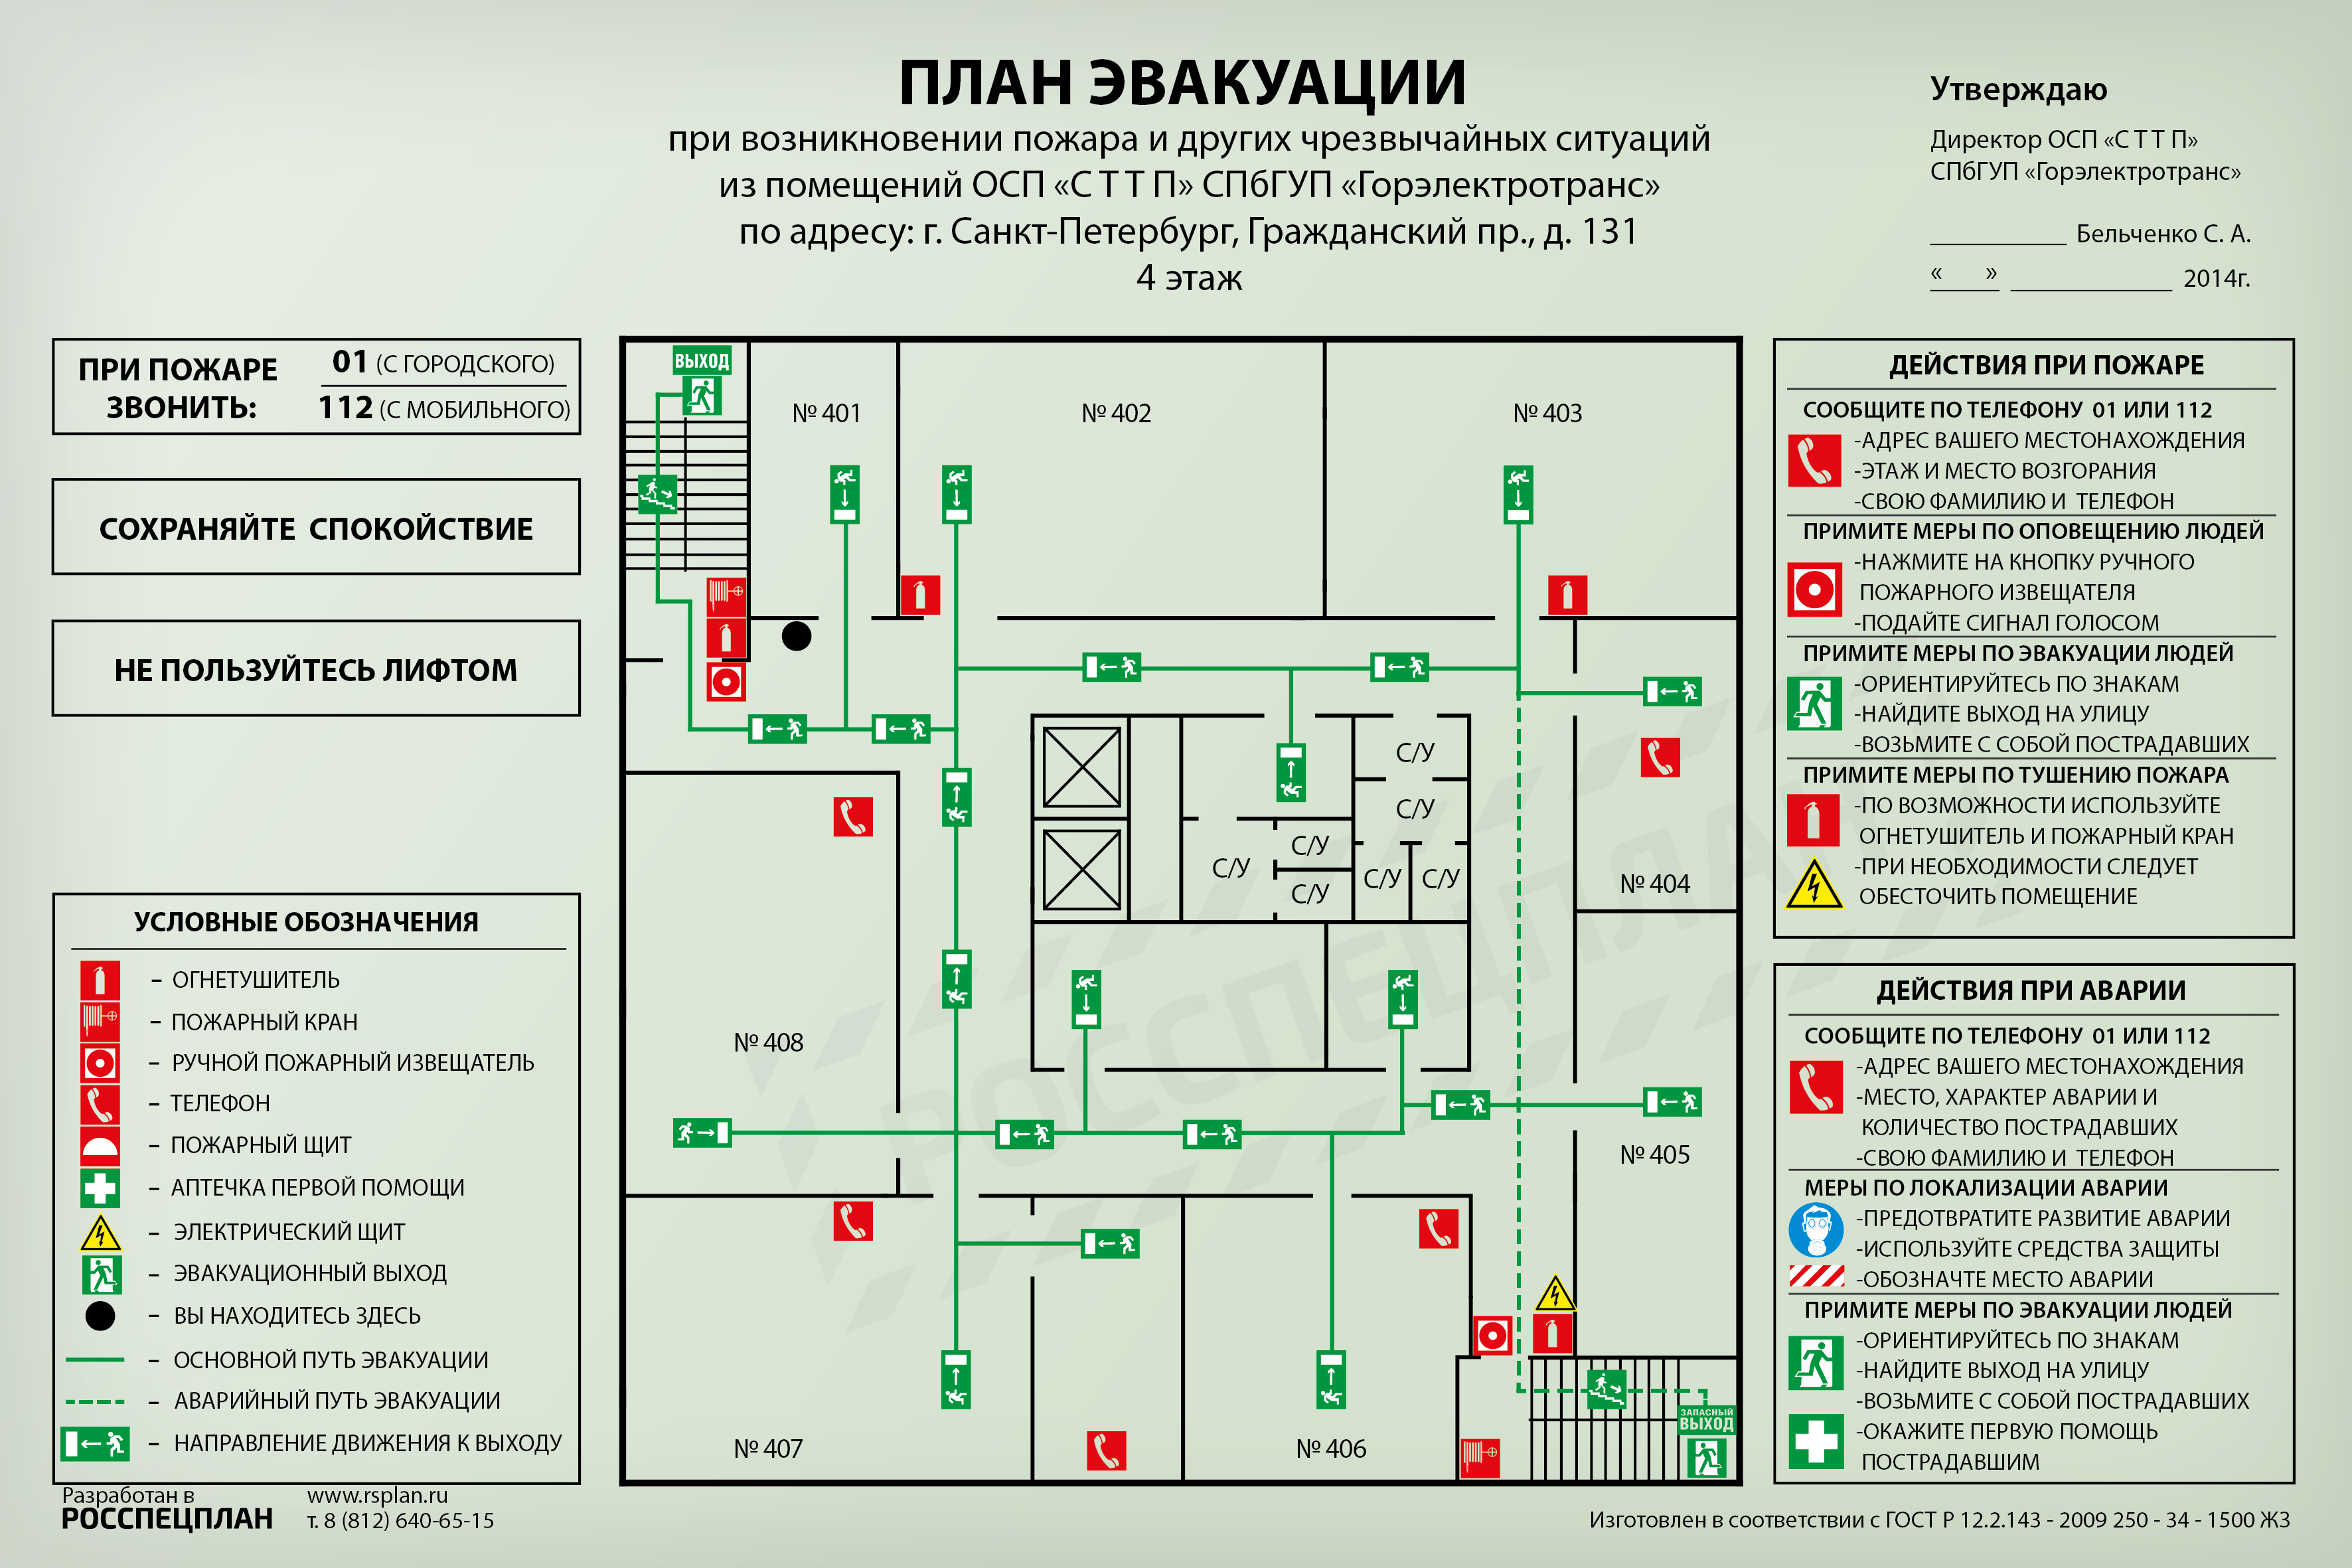 Образцы схемы эвакуации при пожаре